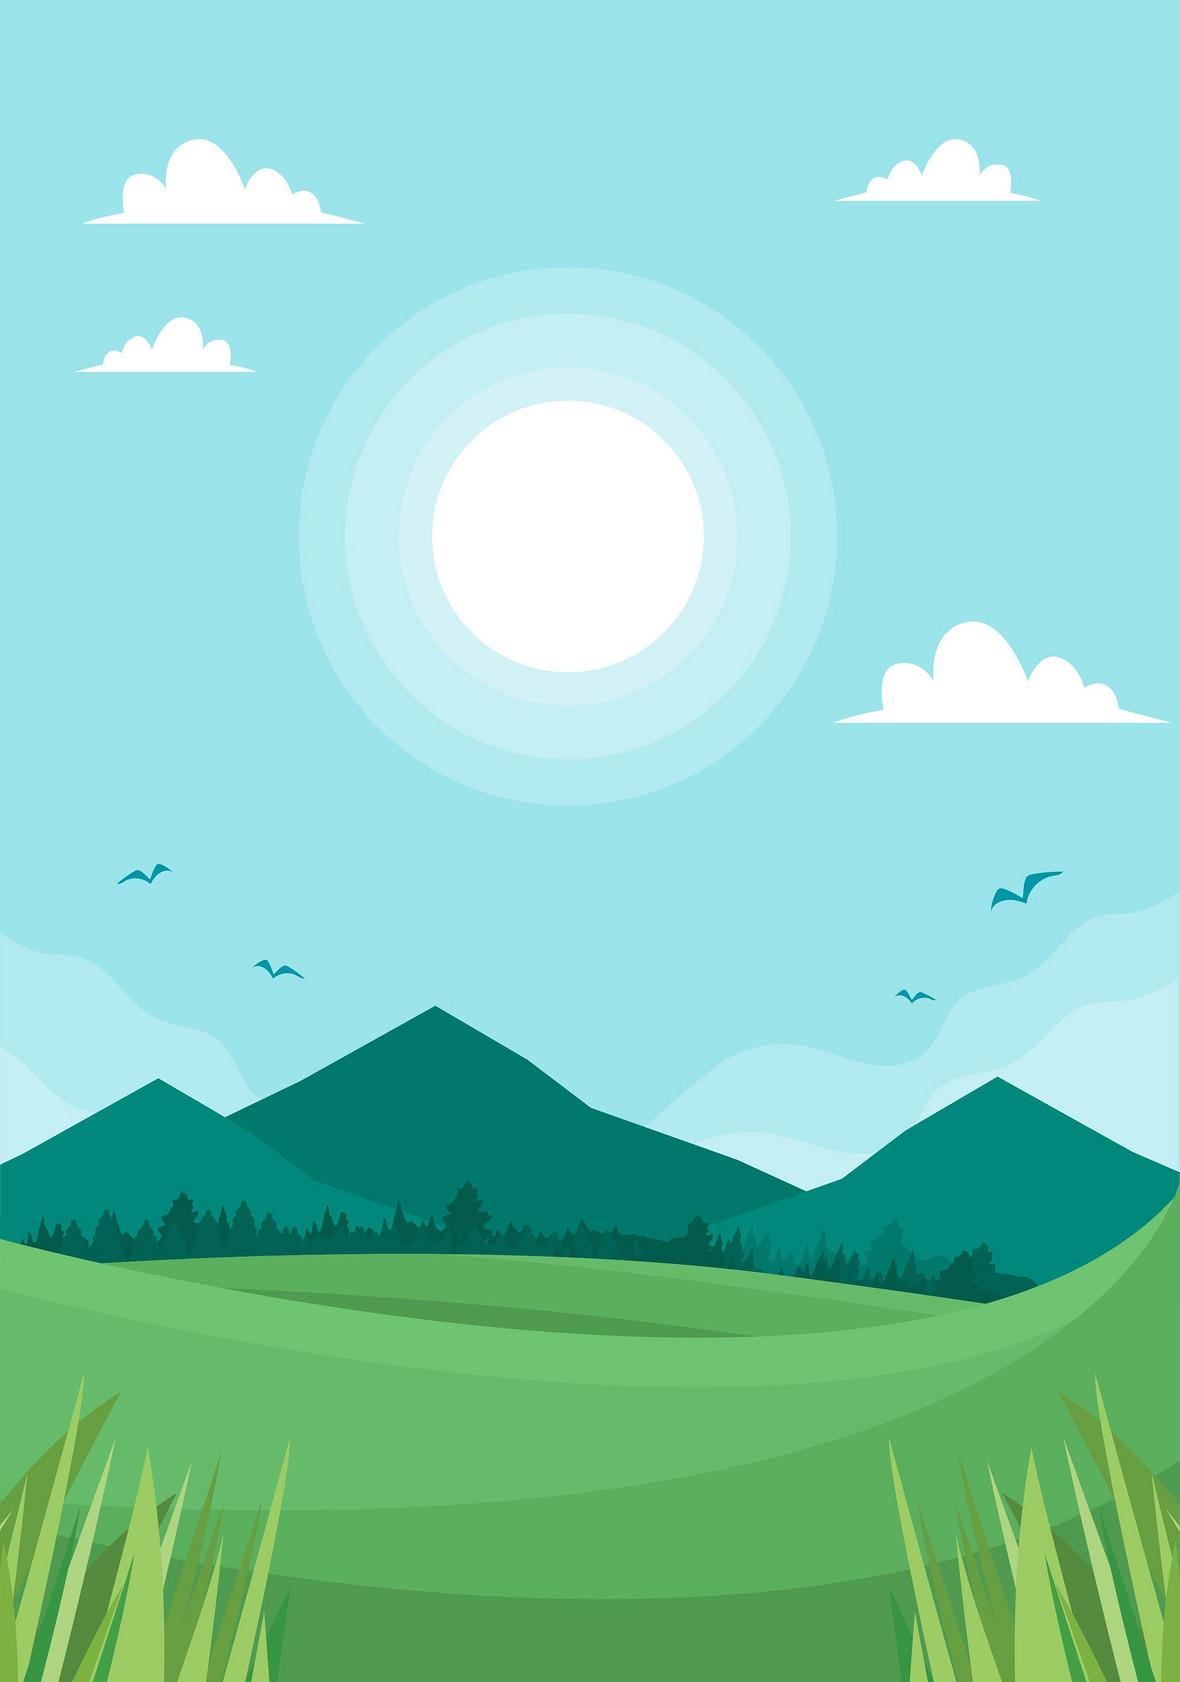 手绘草地绿树蓝天白云背景背景图片下载_2953x2953jpg